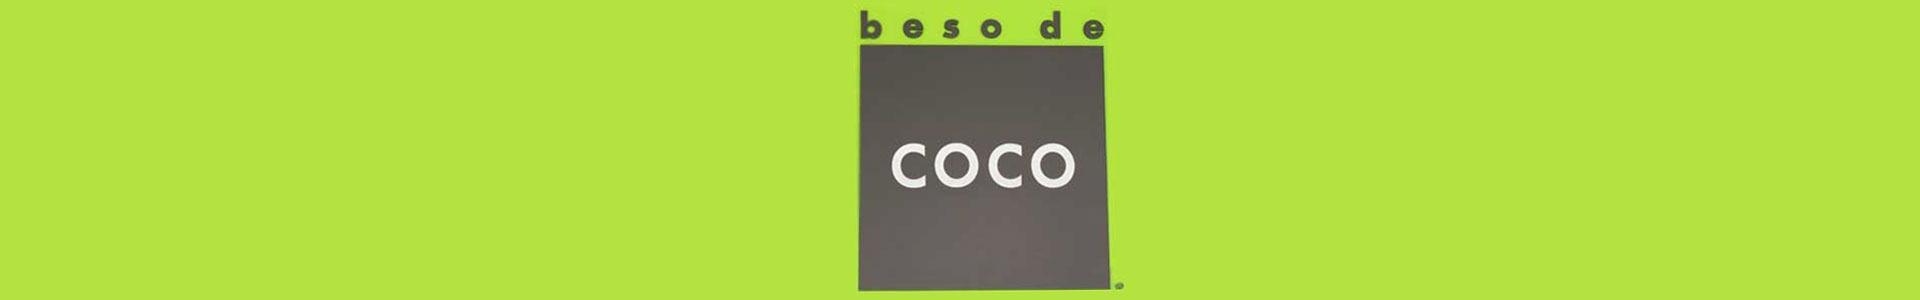 Beso-de-Coco